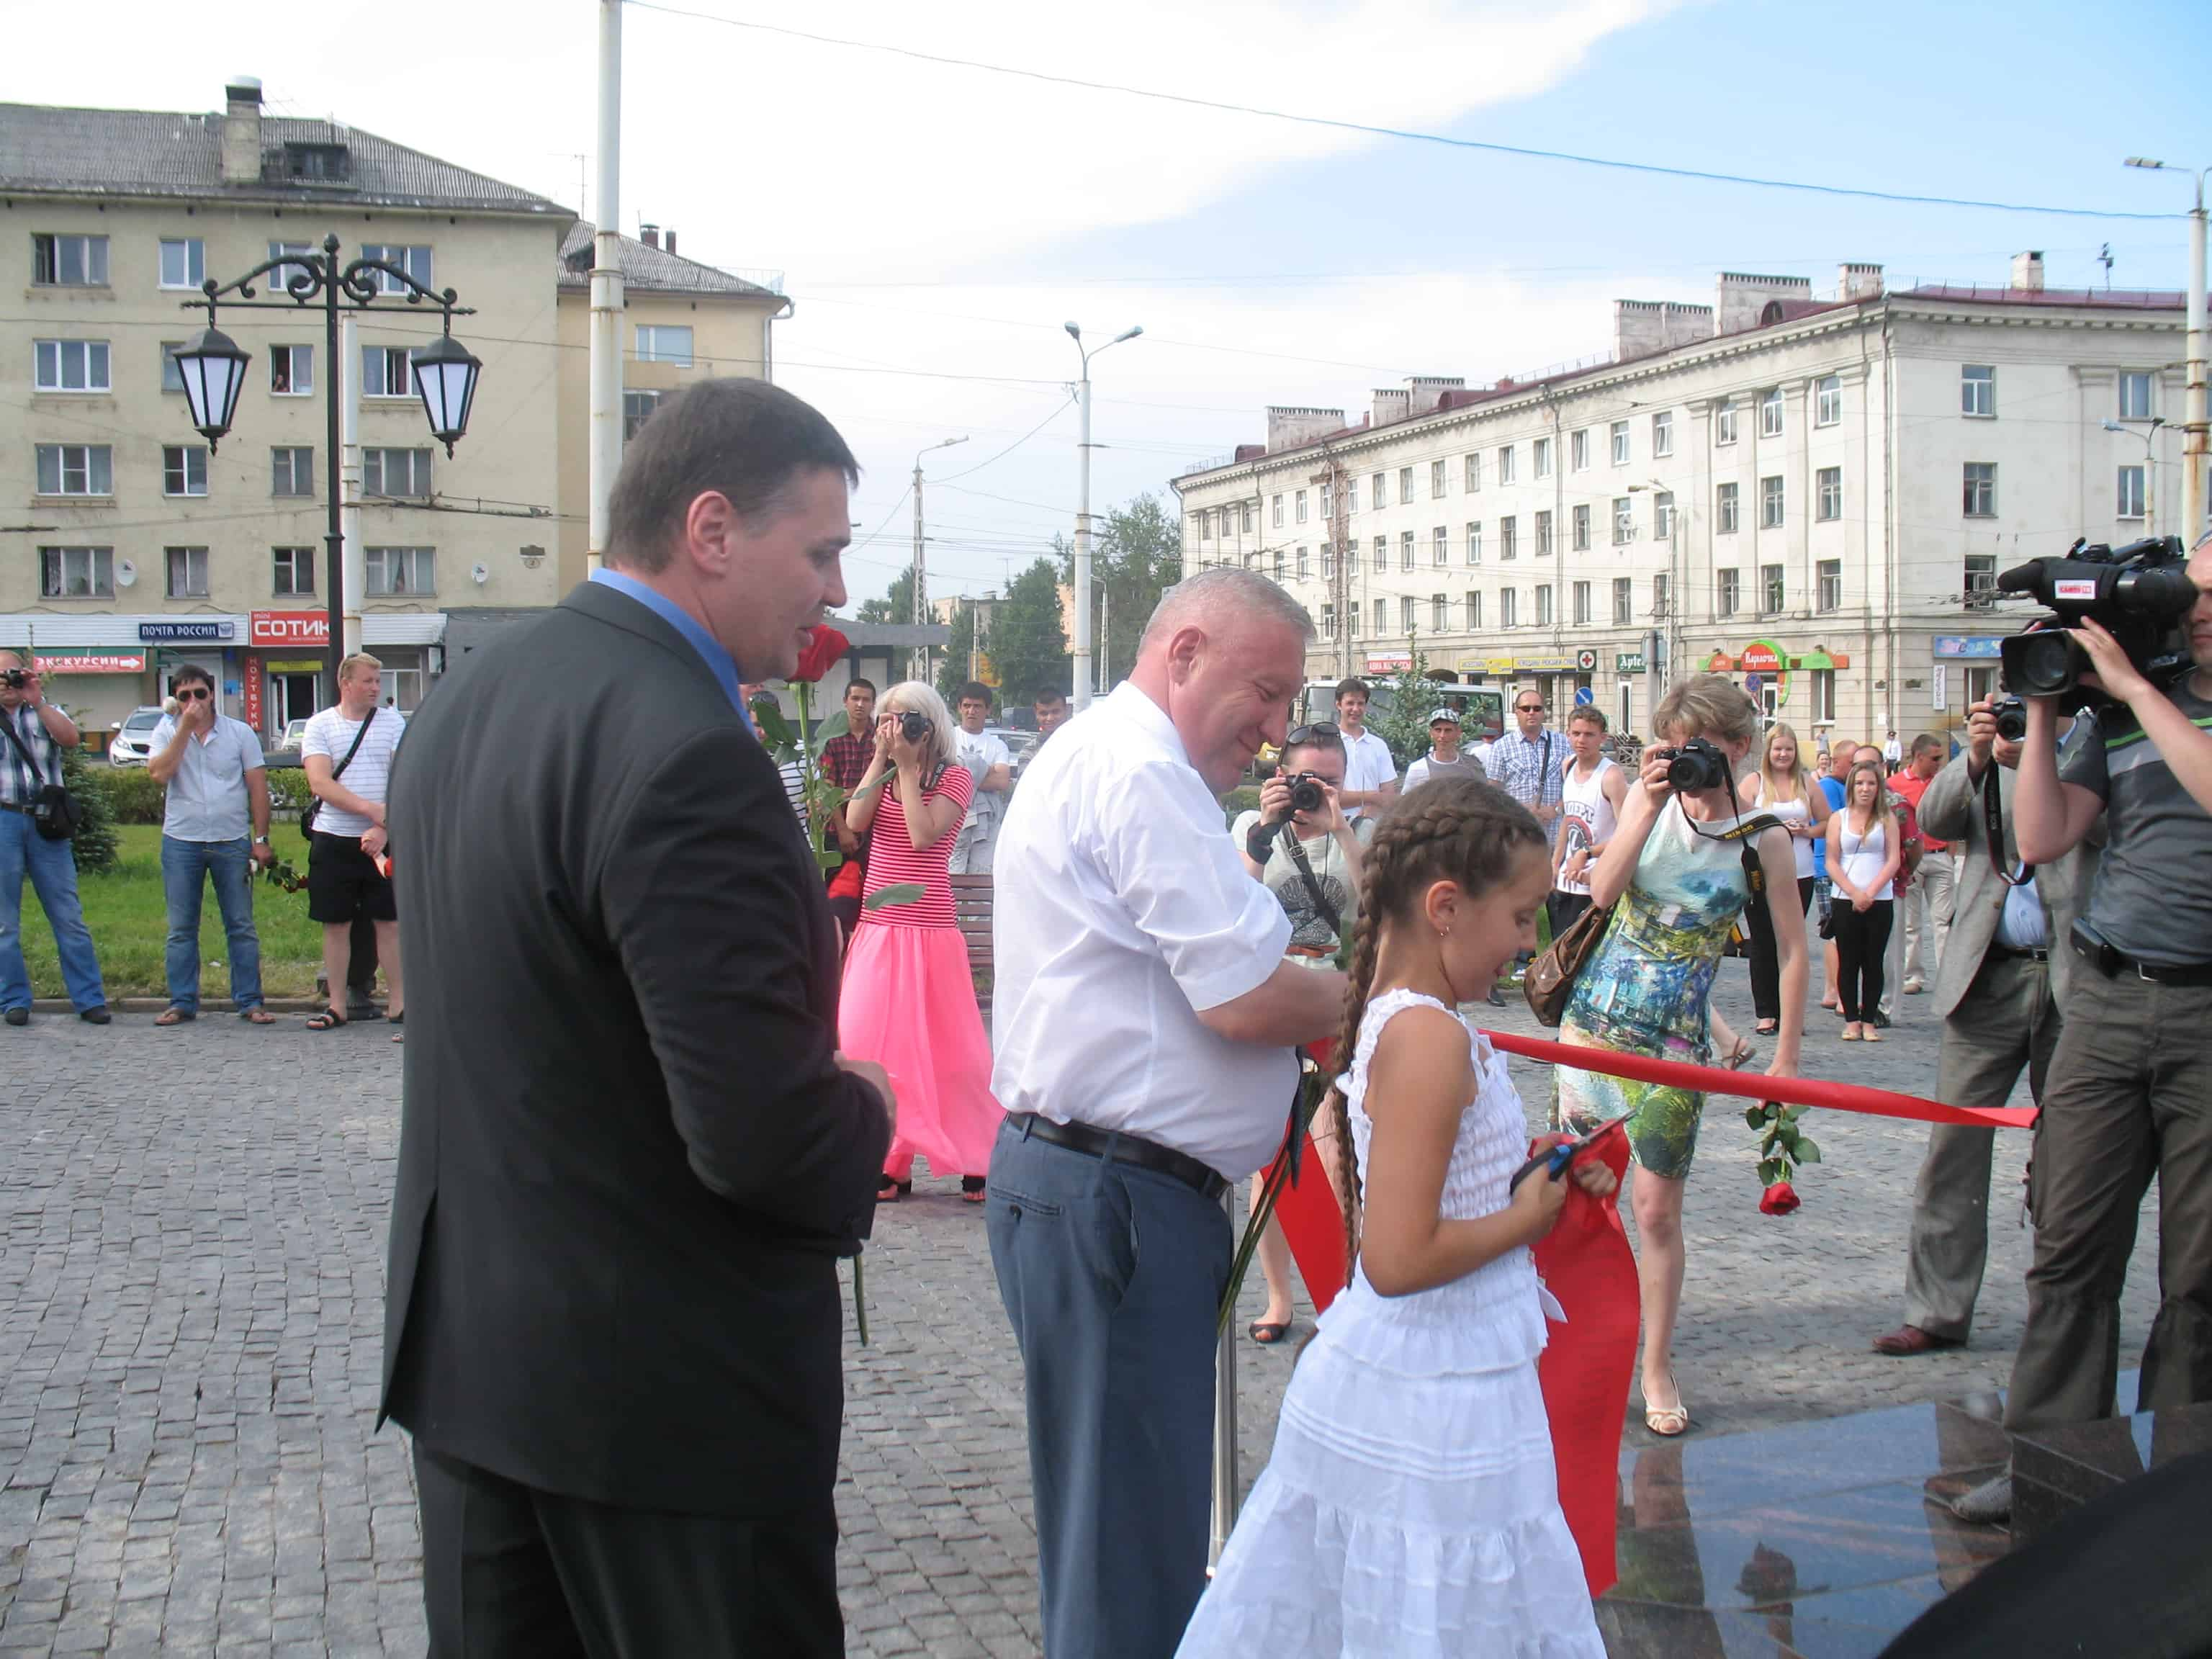 Эдуард Чирко и бывший мэр Николай Левин разрезают ленточку. Фото Натальи Мешковой